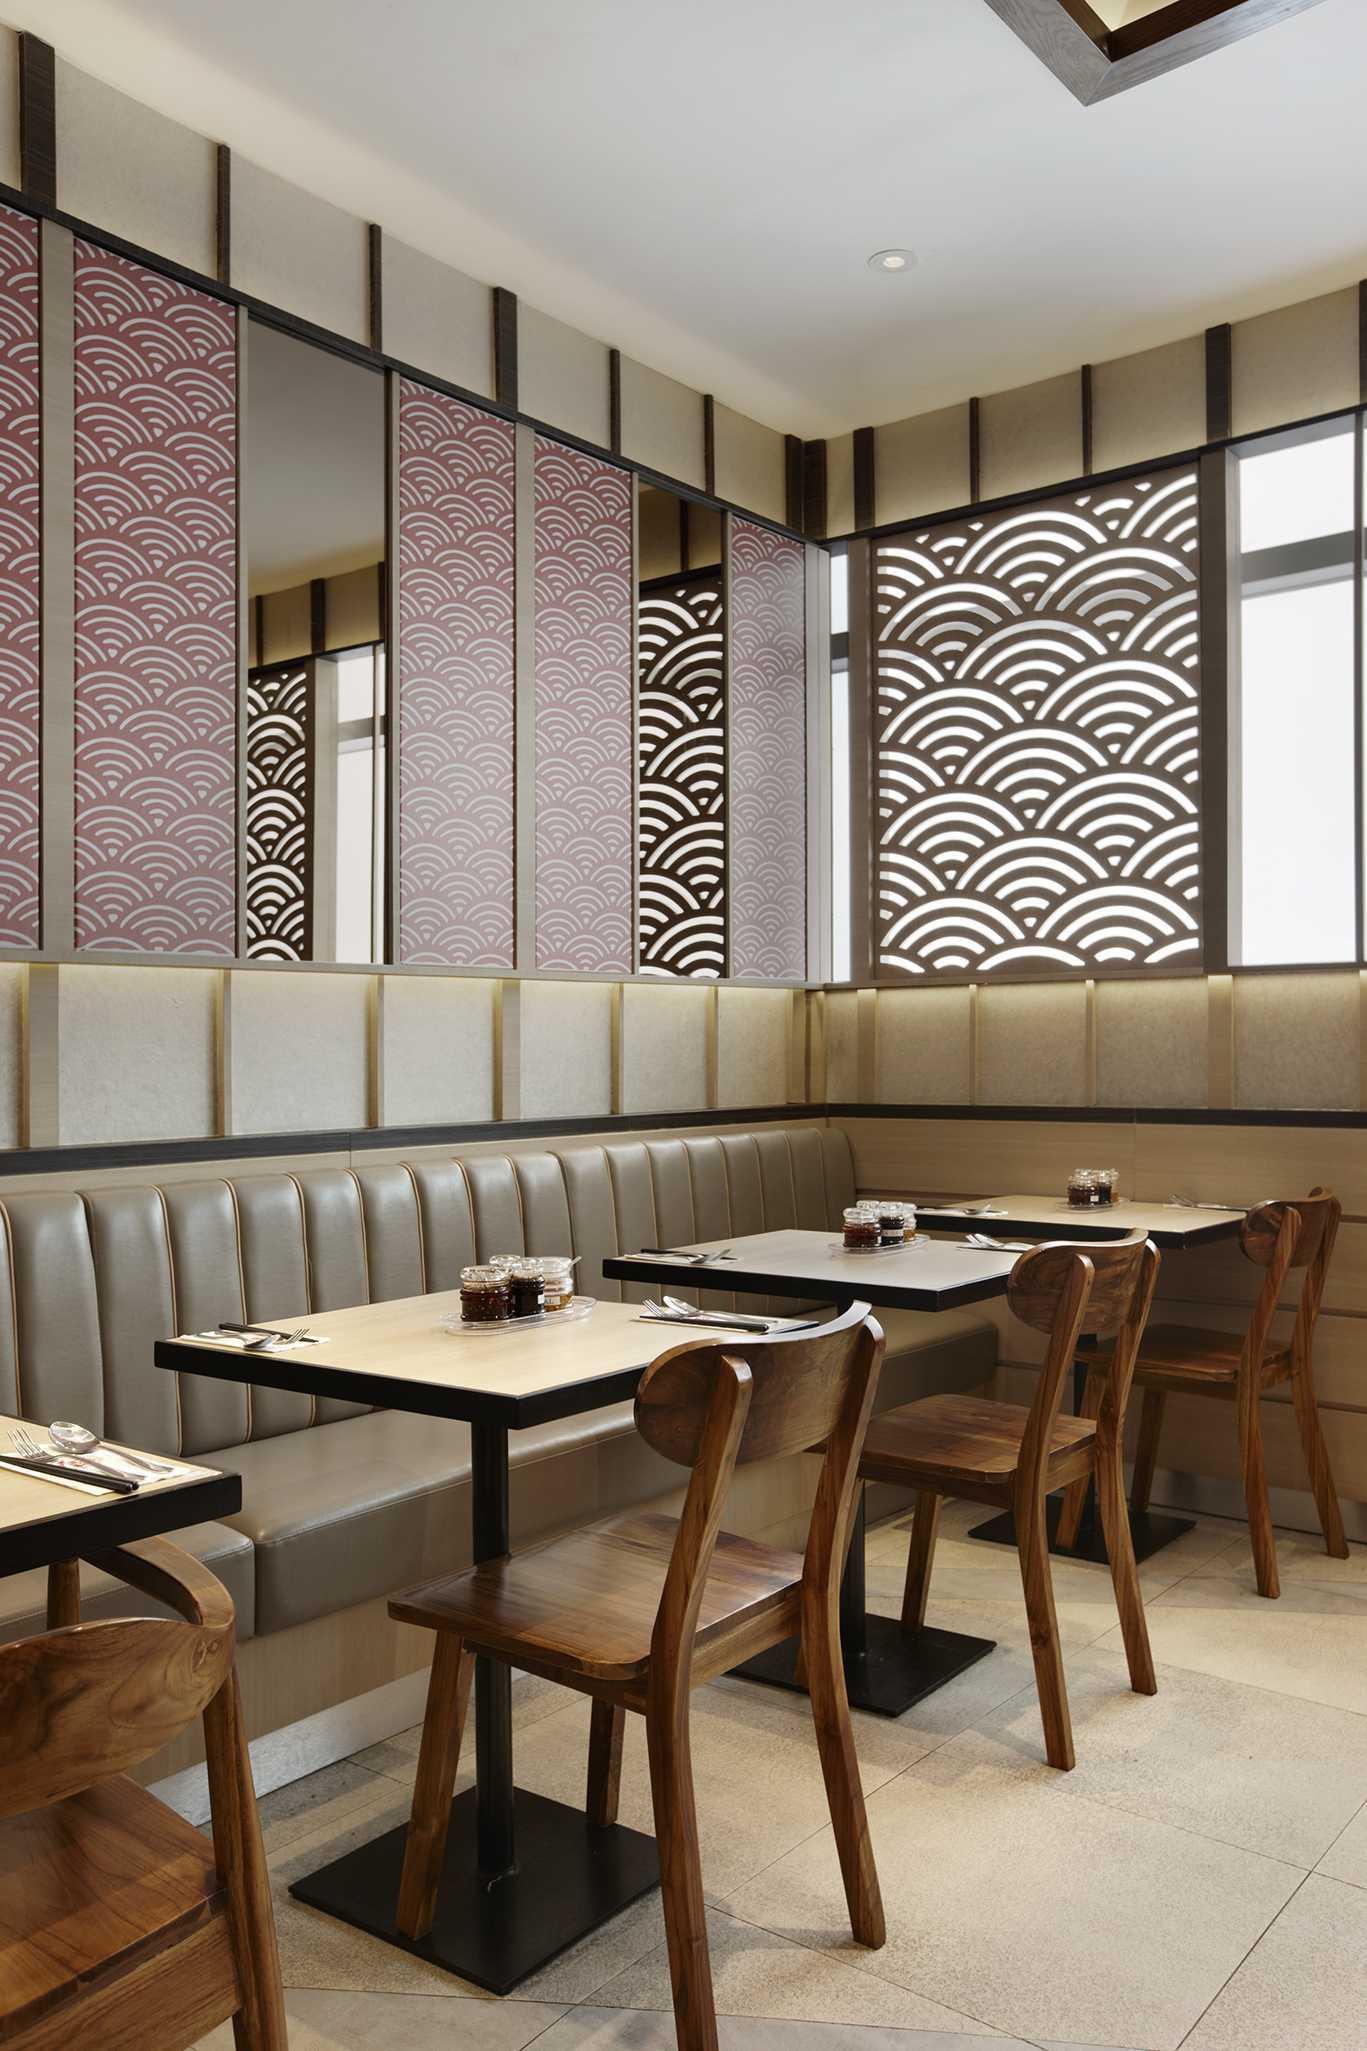 Highstreet Osaka Ohsho Jalan M.h. Thamrin No.1, Menteng, Kebon Melati, Kb. Melati, Tanah Abang, Kota Jakarta Pusat, Daerah Khusus Ibukota Jakarta 10310, Indonesia  Seating Area Restaurant  54118